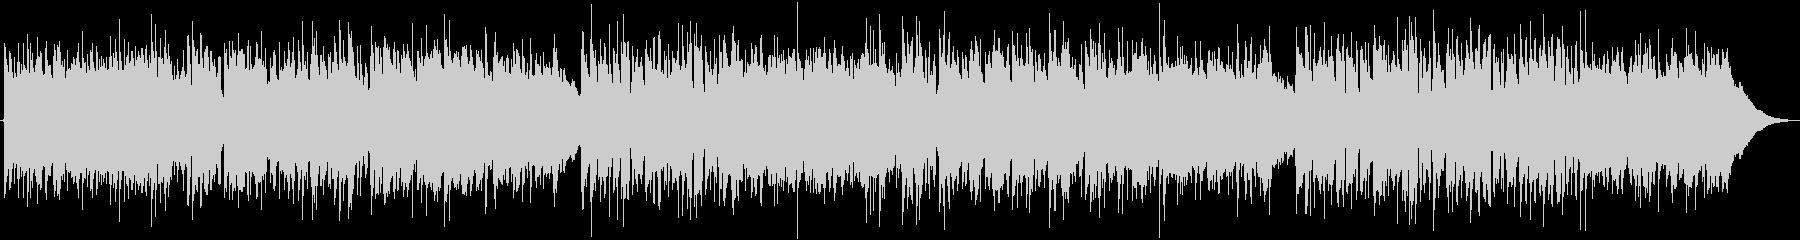 アコギ 生演奏 カントリー 軽快 ハネ系の未再生の波形